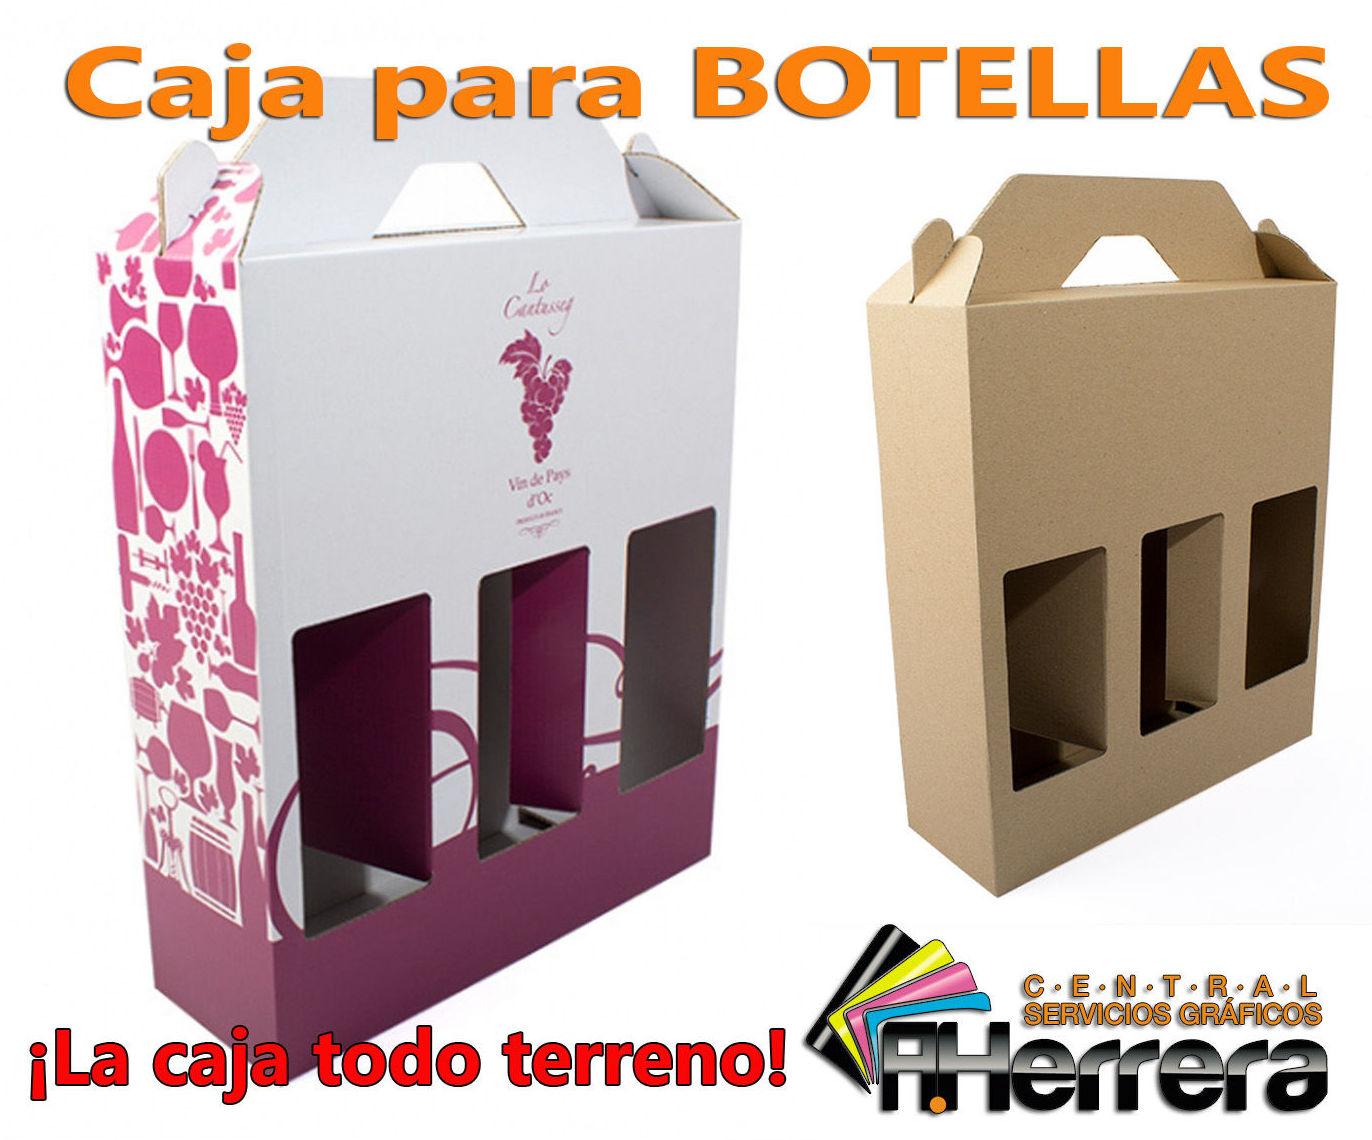 Caja para 3 botellas con ventana